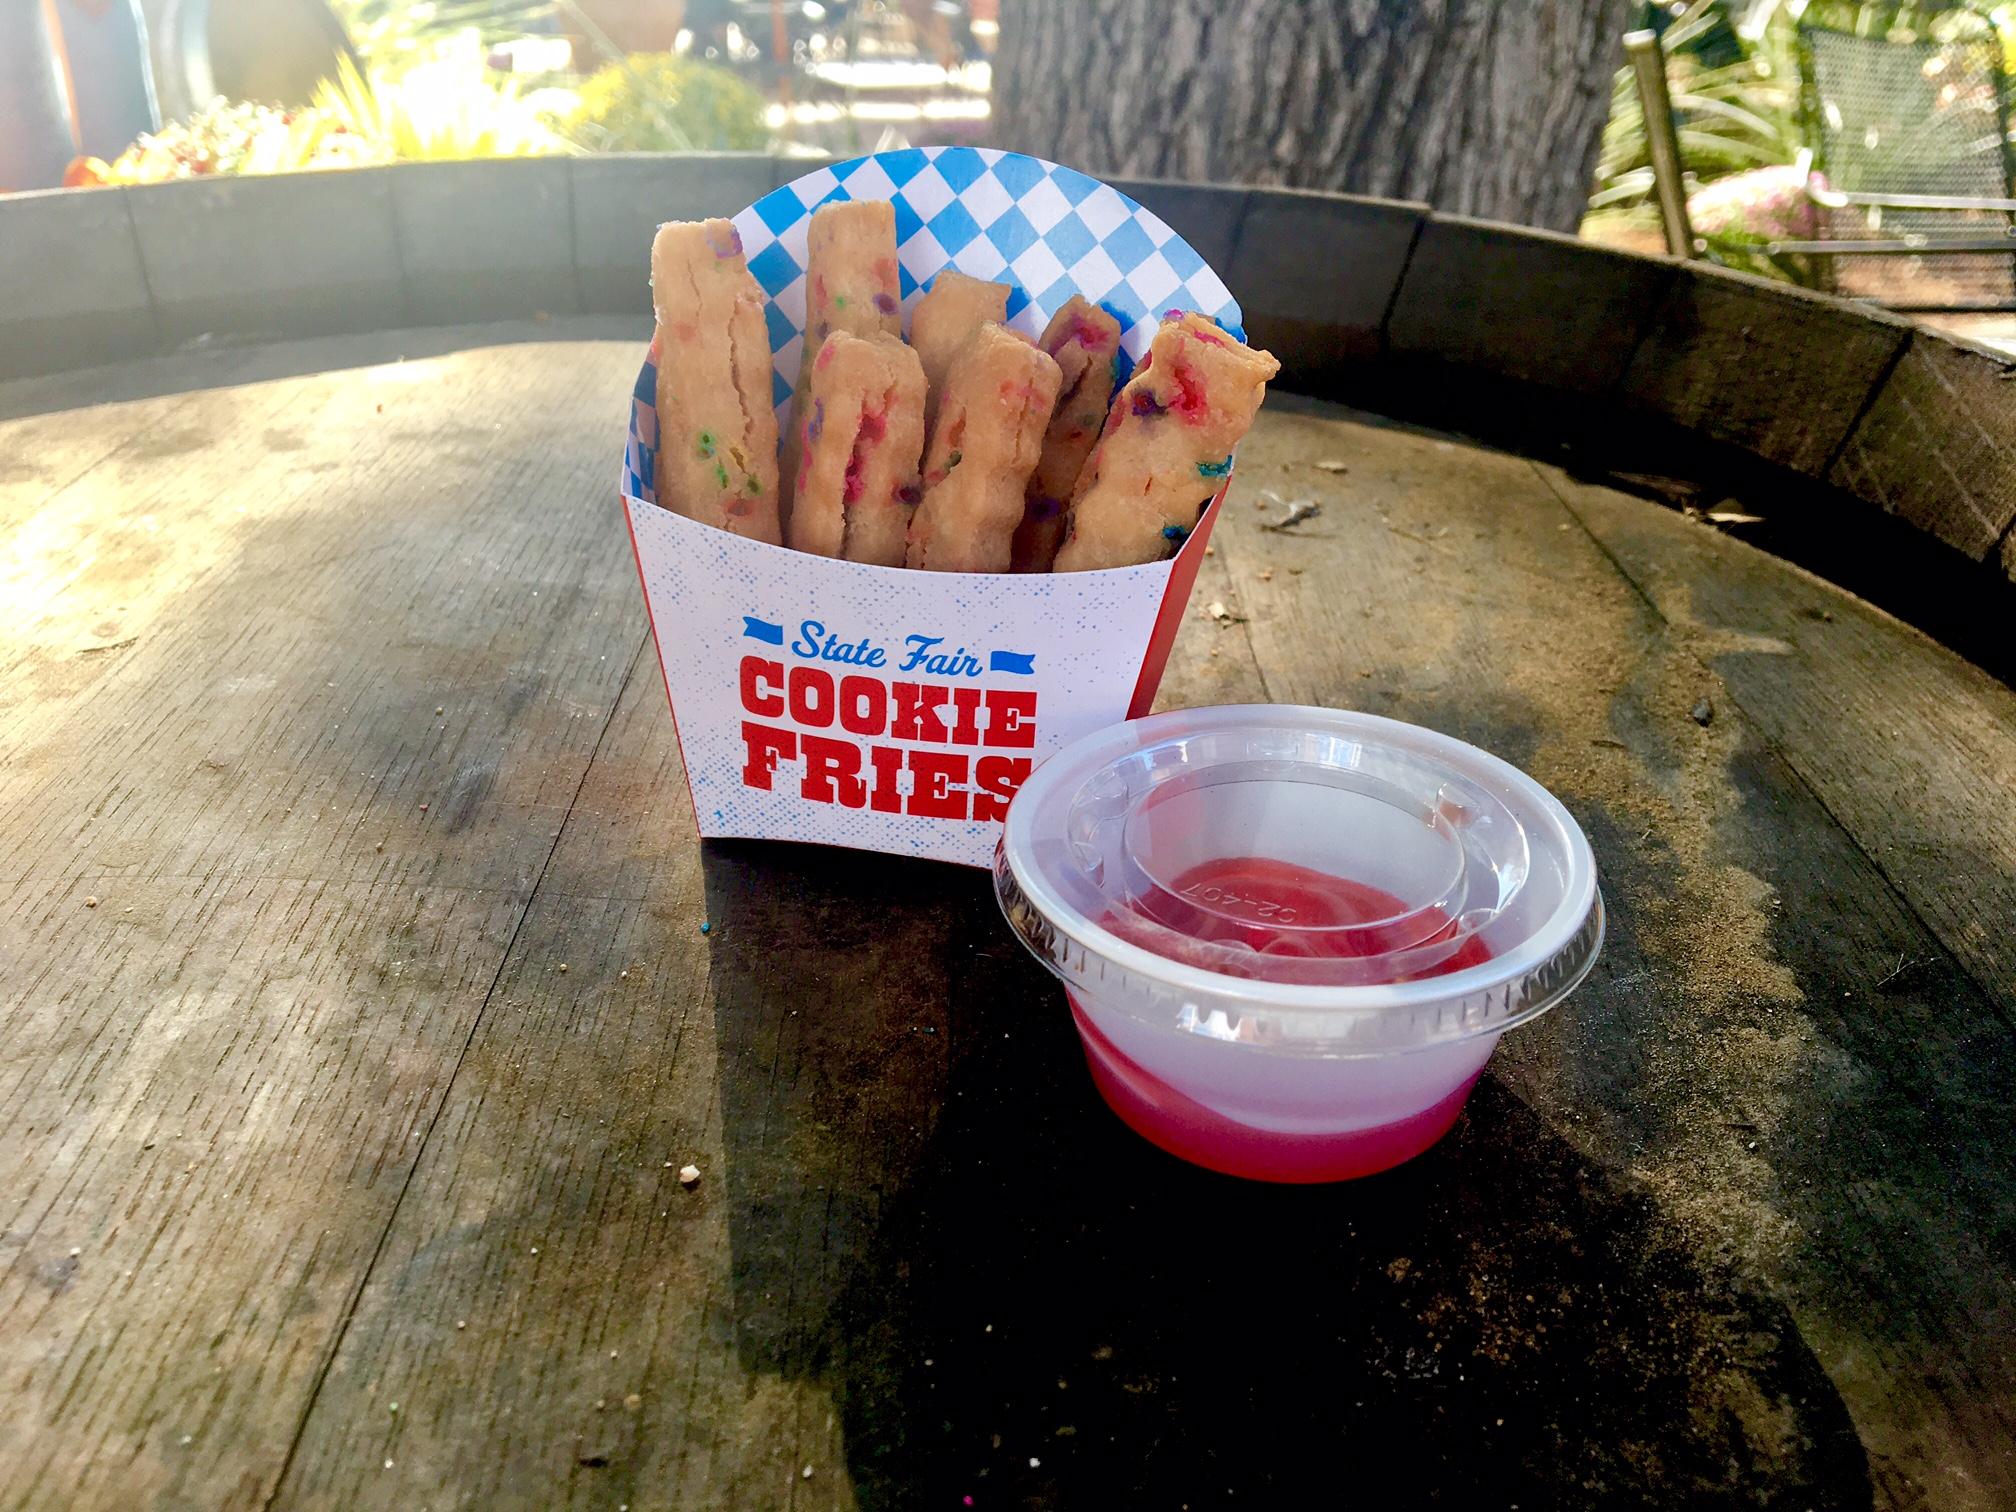 Cookie Fries 2016